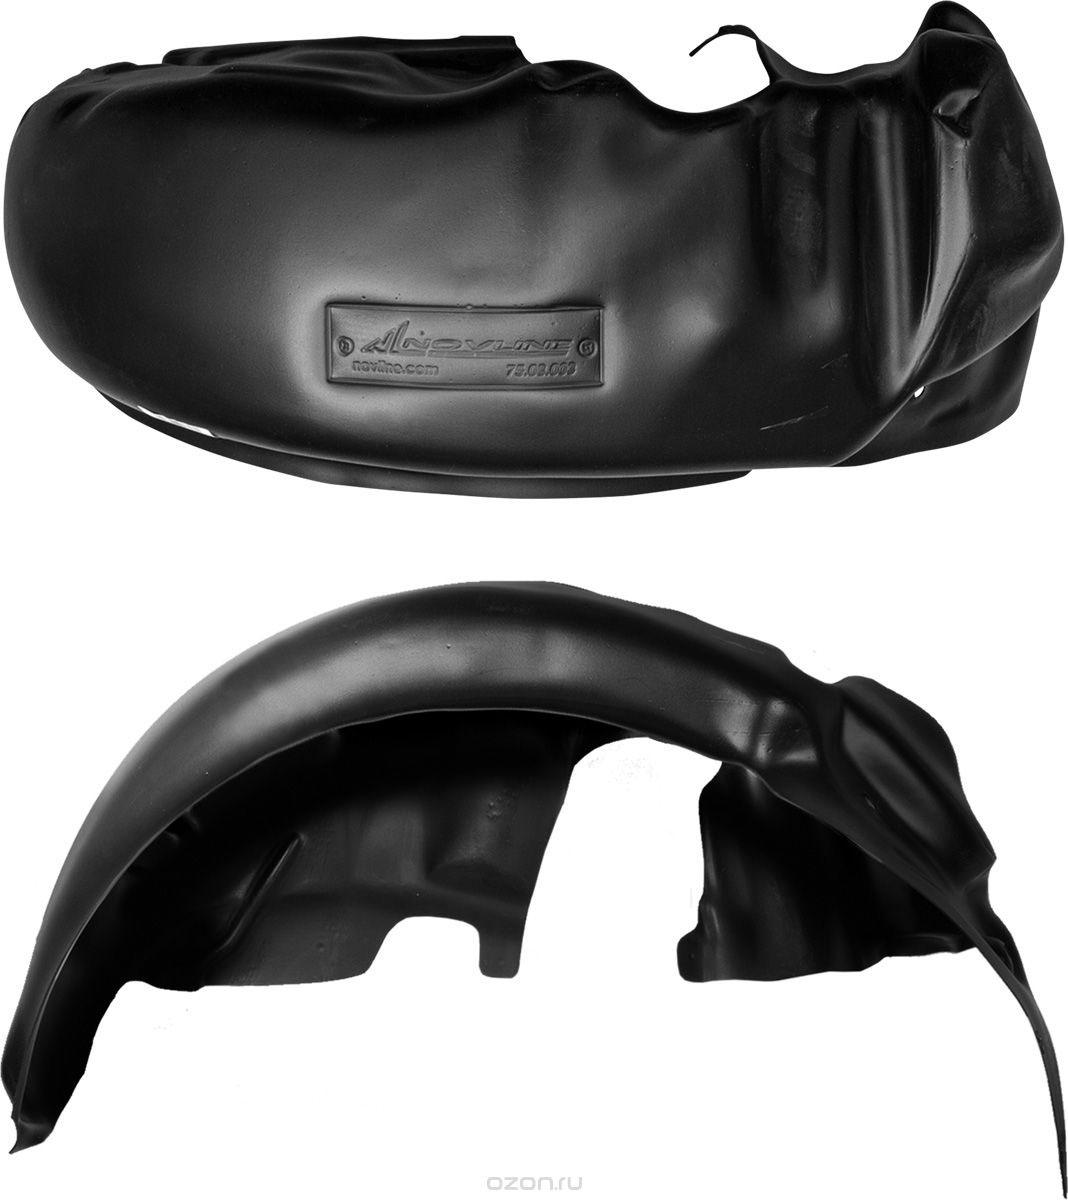 Подкрылок Novline-Autofamily, для Hyundai i30, 2012->, задний левыйNLL.20.51.003Идеальная защита колесной ниши. Локеры разработаны с применением цифровых технологий, гарантируют максимальную повторяемость поверхности арки. Изделия устанавливаются без нарушения лакокрасочного покрытия автомобиля, каждый подкрылок комплектуется крепежом. Уважаемые клиенты, обращаем ваше внимание, что фотографии на подкрылки универсальные и не отражают реальную форму изделия. При этом само изделие идет точно под размер указанного автомобиля.